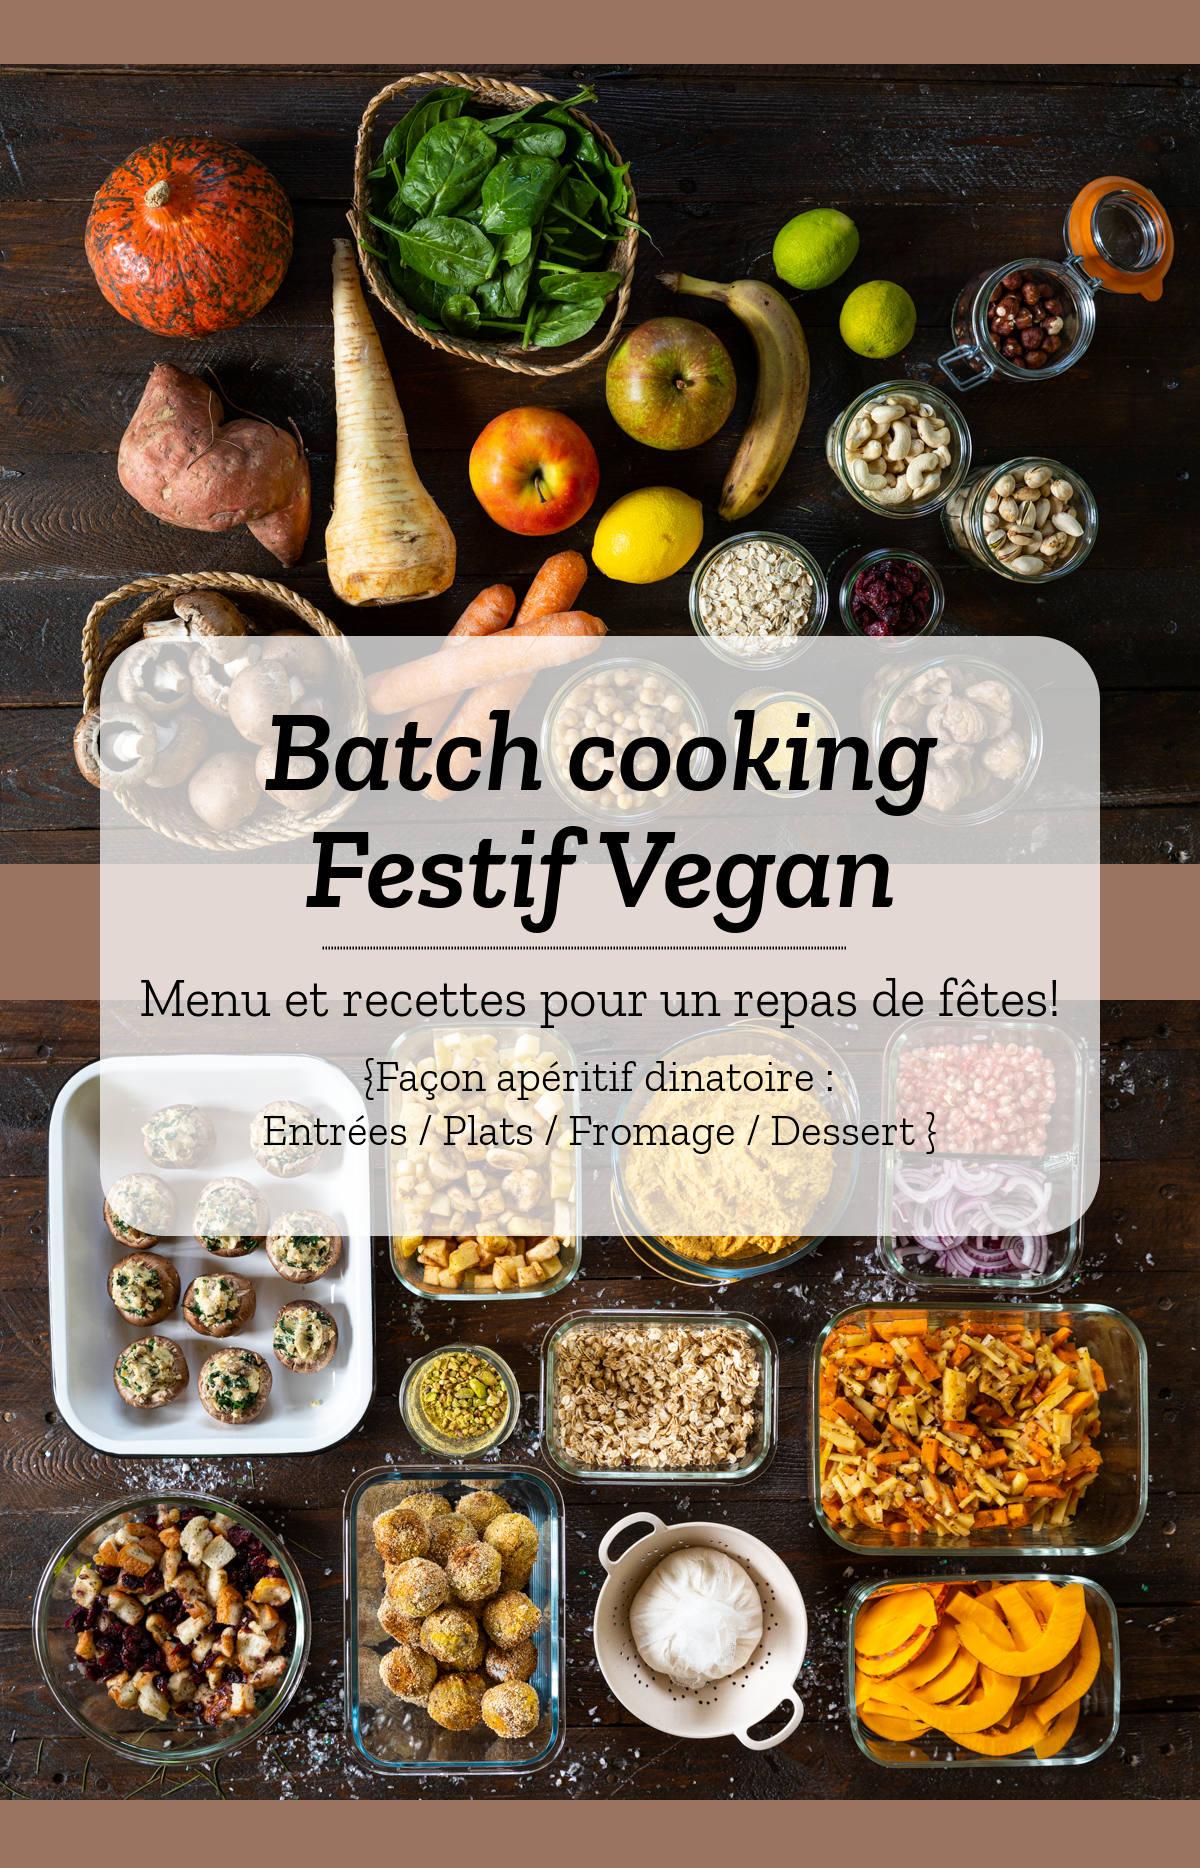 Batch cooking Apéritif dinatoire festif & vegan ! Je prépare mon repas de nouvel an en 2 heures!